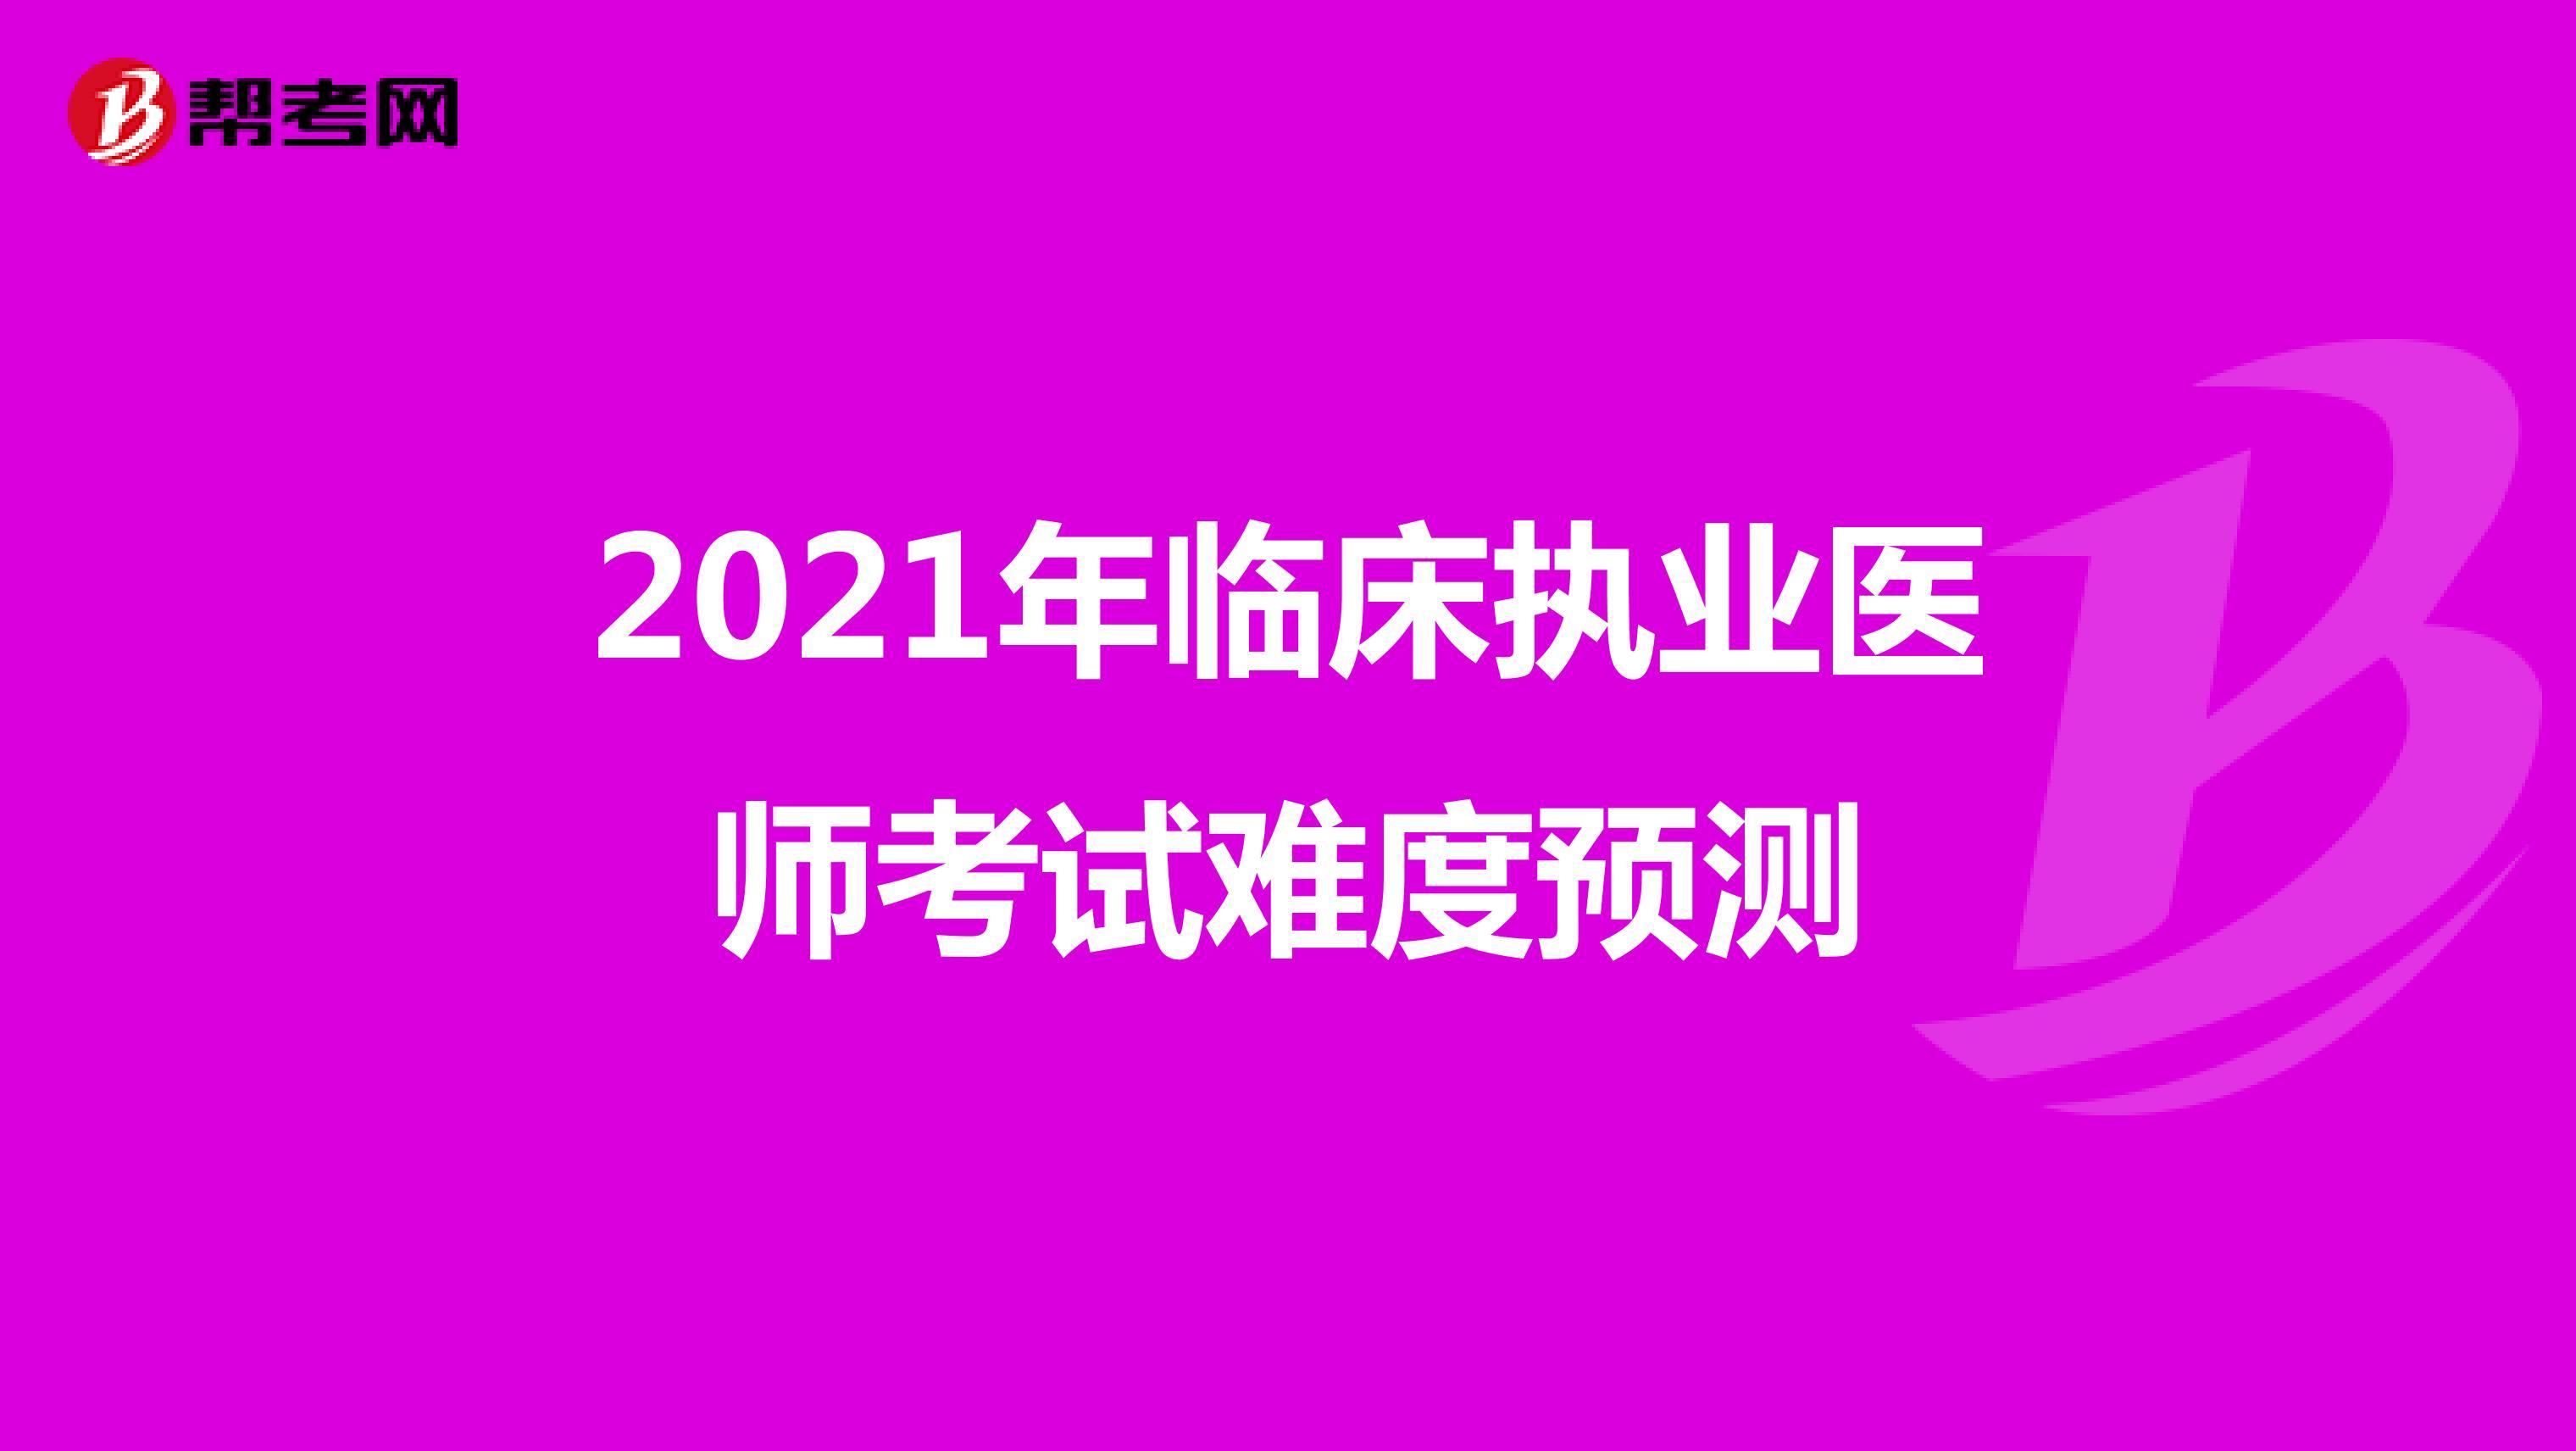 2021年临床执业医师考试难度预测